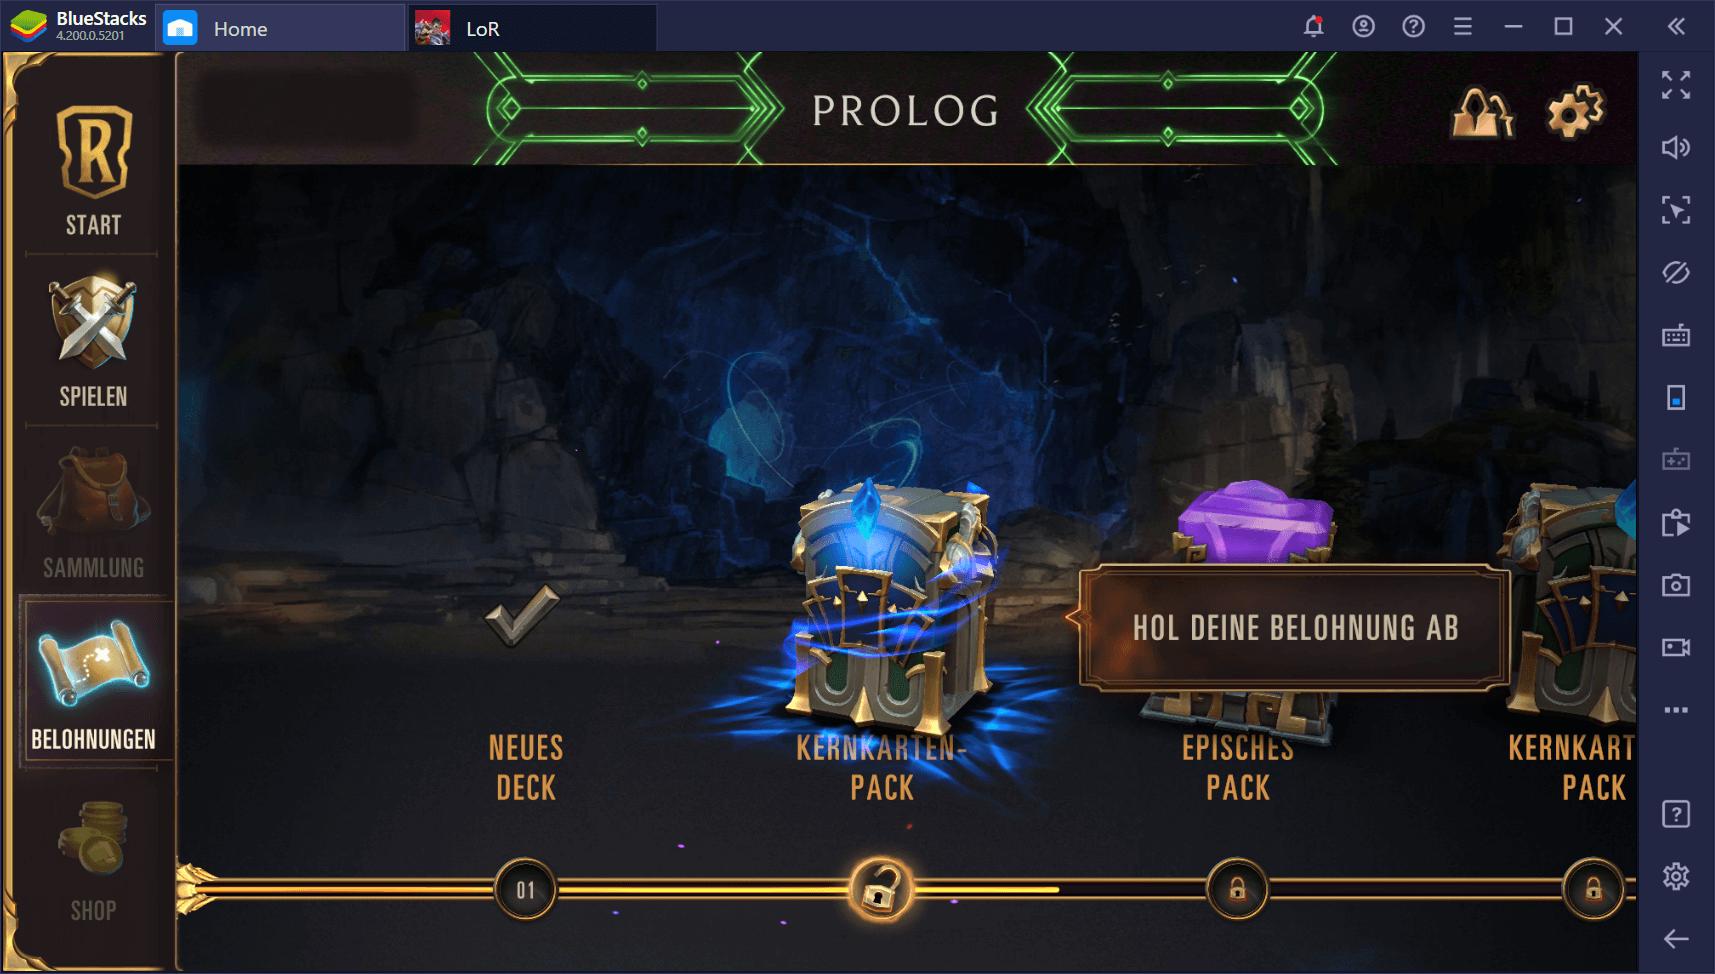 Legends of Runeterra auf dem PC – So gewinnst du neue Karten und erweiterst deine Decks